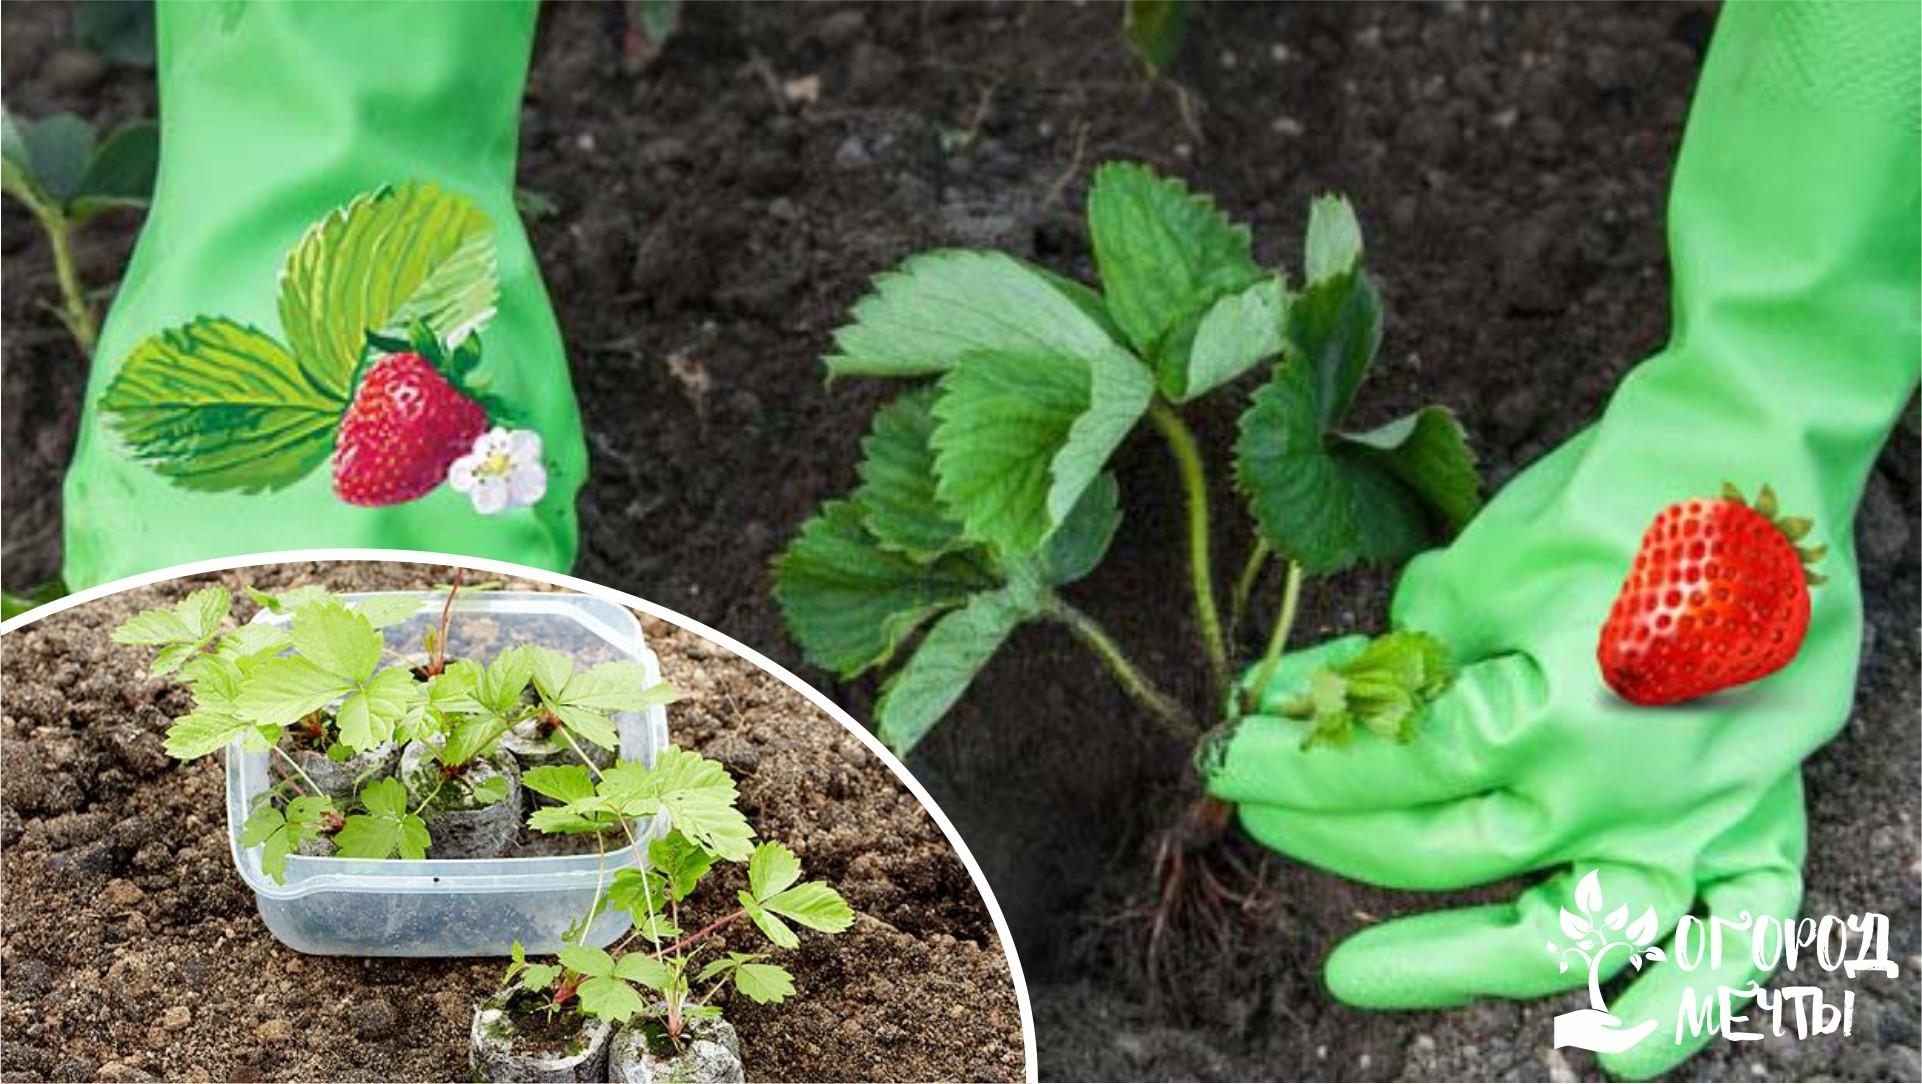 Высаживание рассады клубники и земляники в грунт